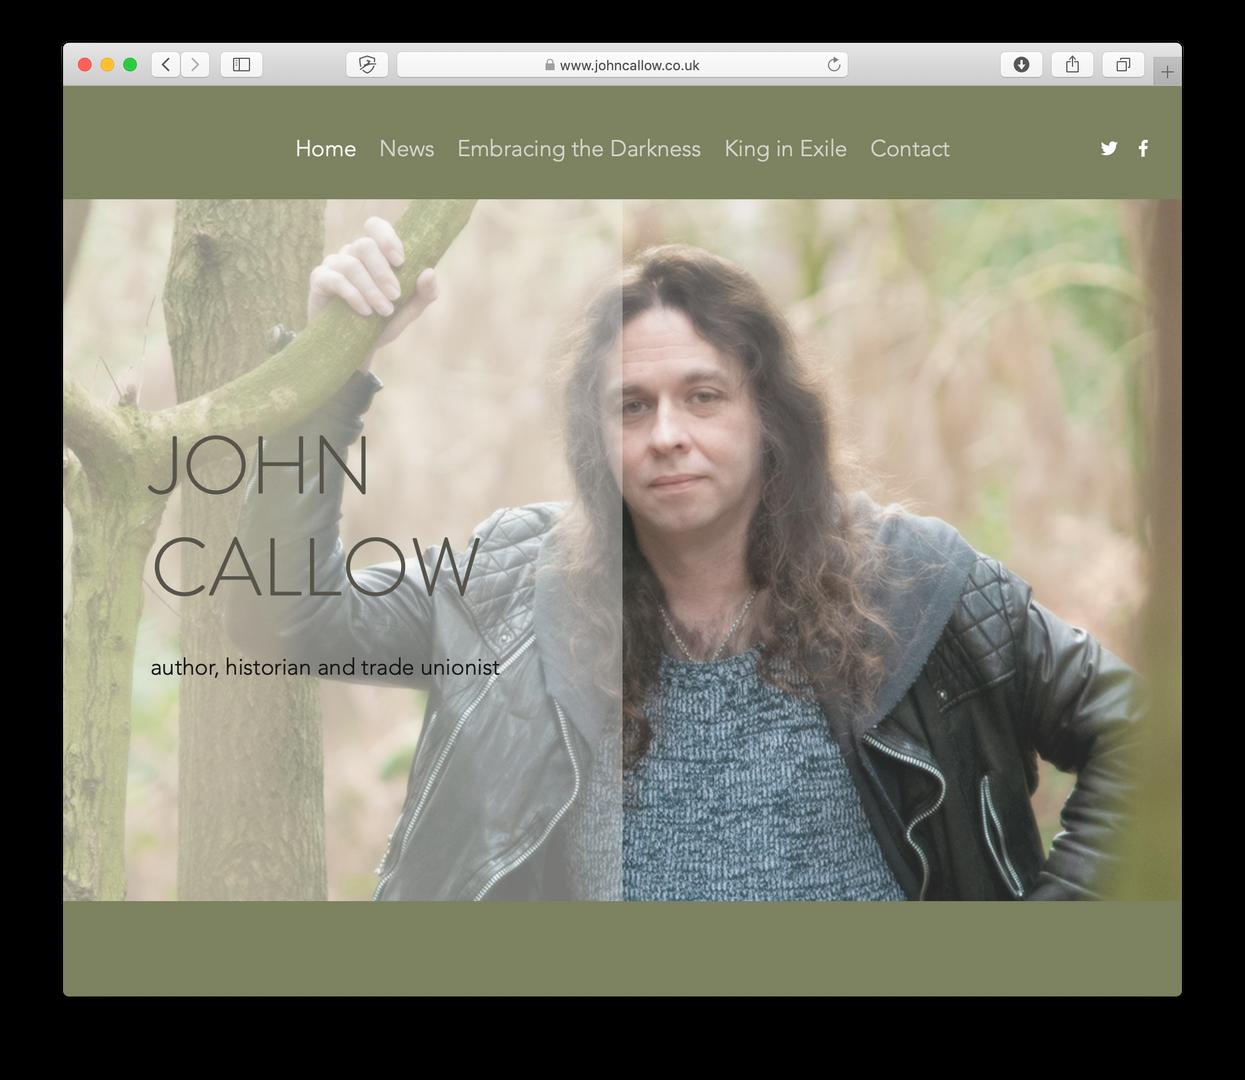 Client - John Callow